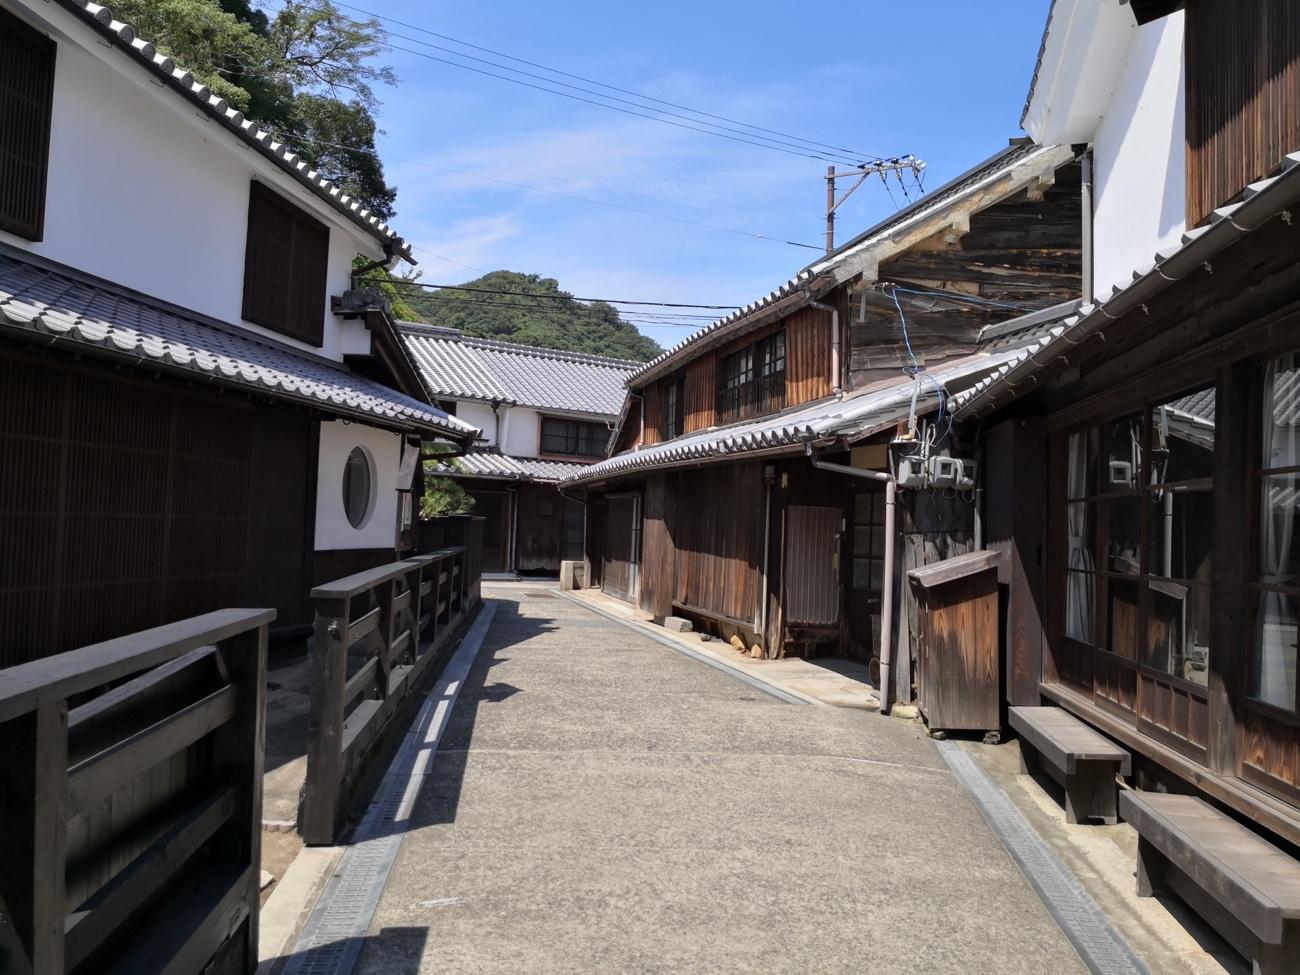 とびしま海道 江戸時代 御手洗地区